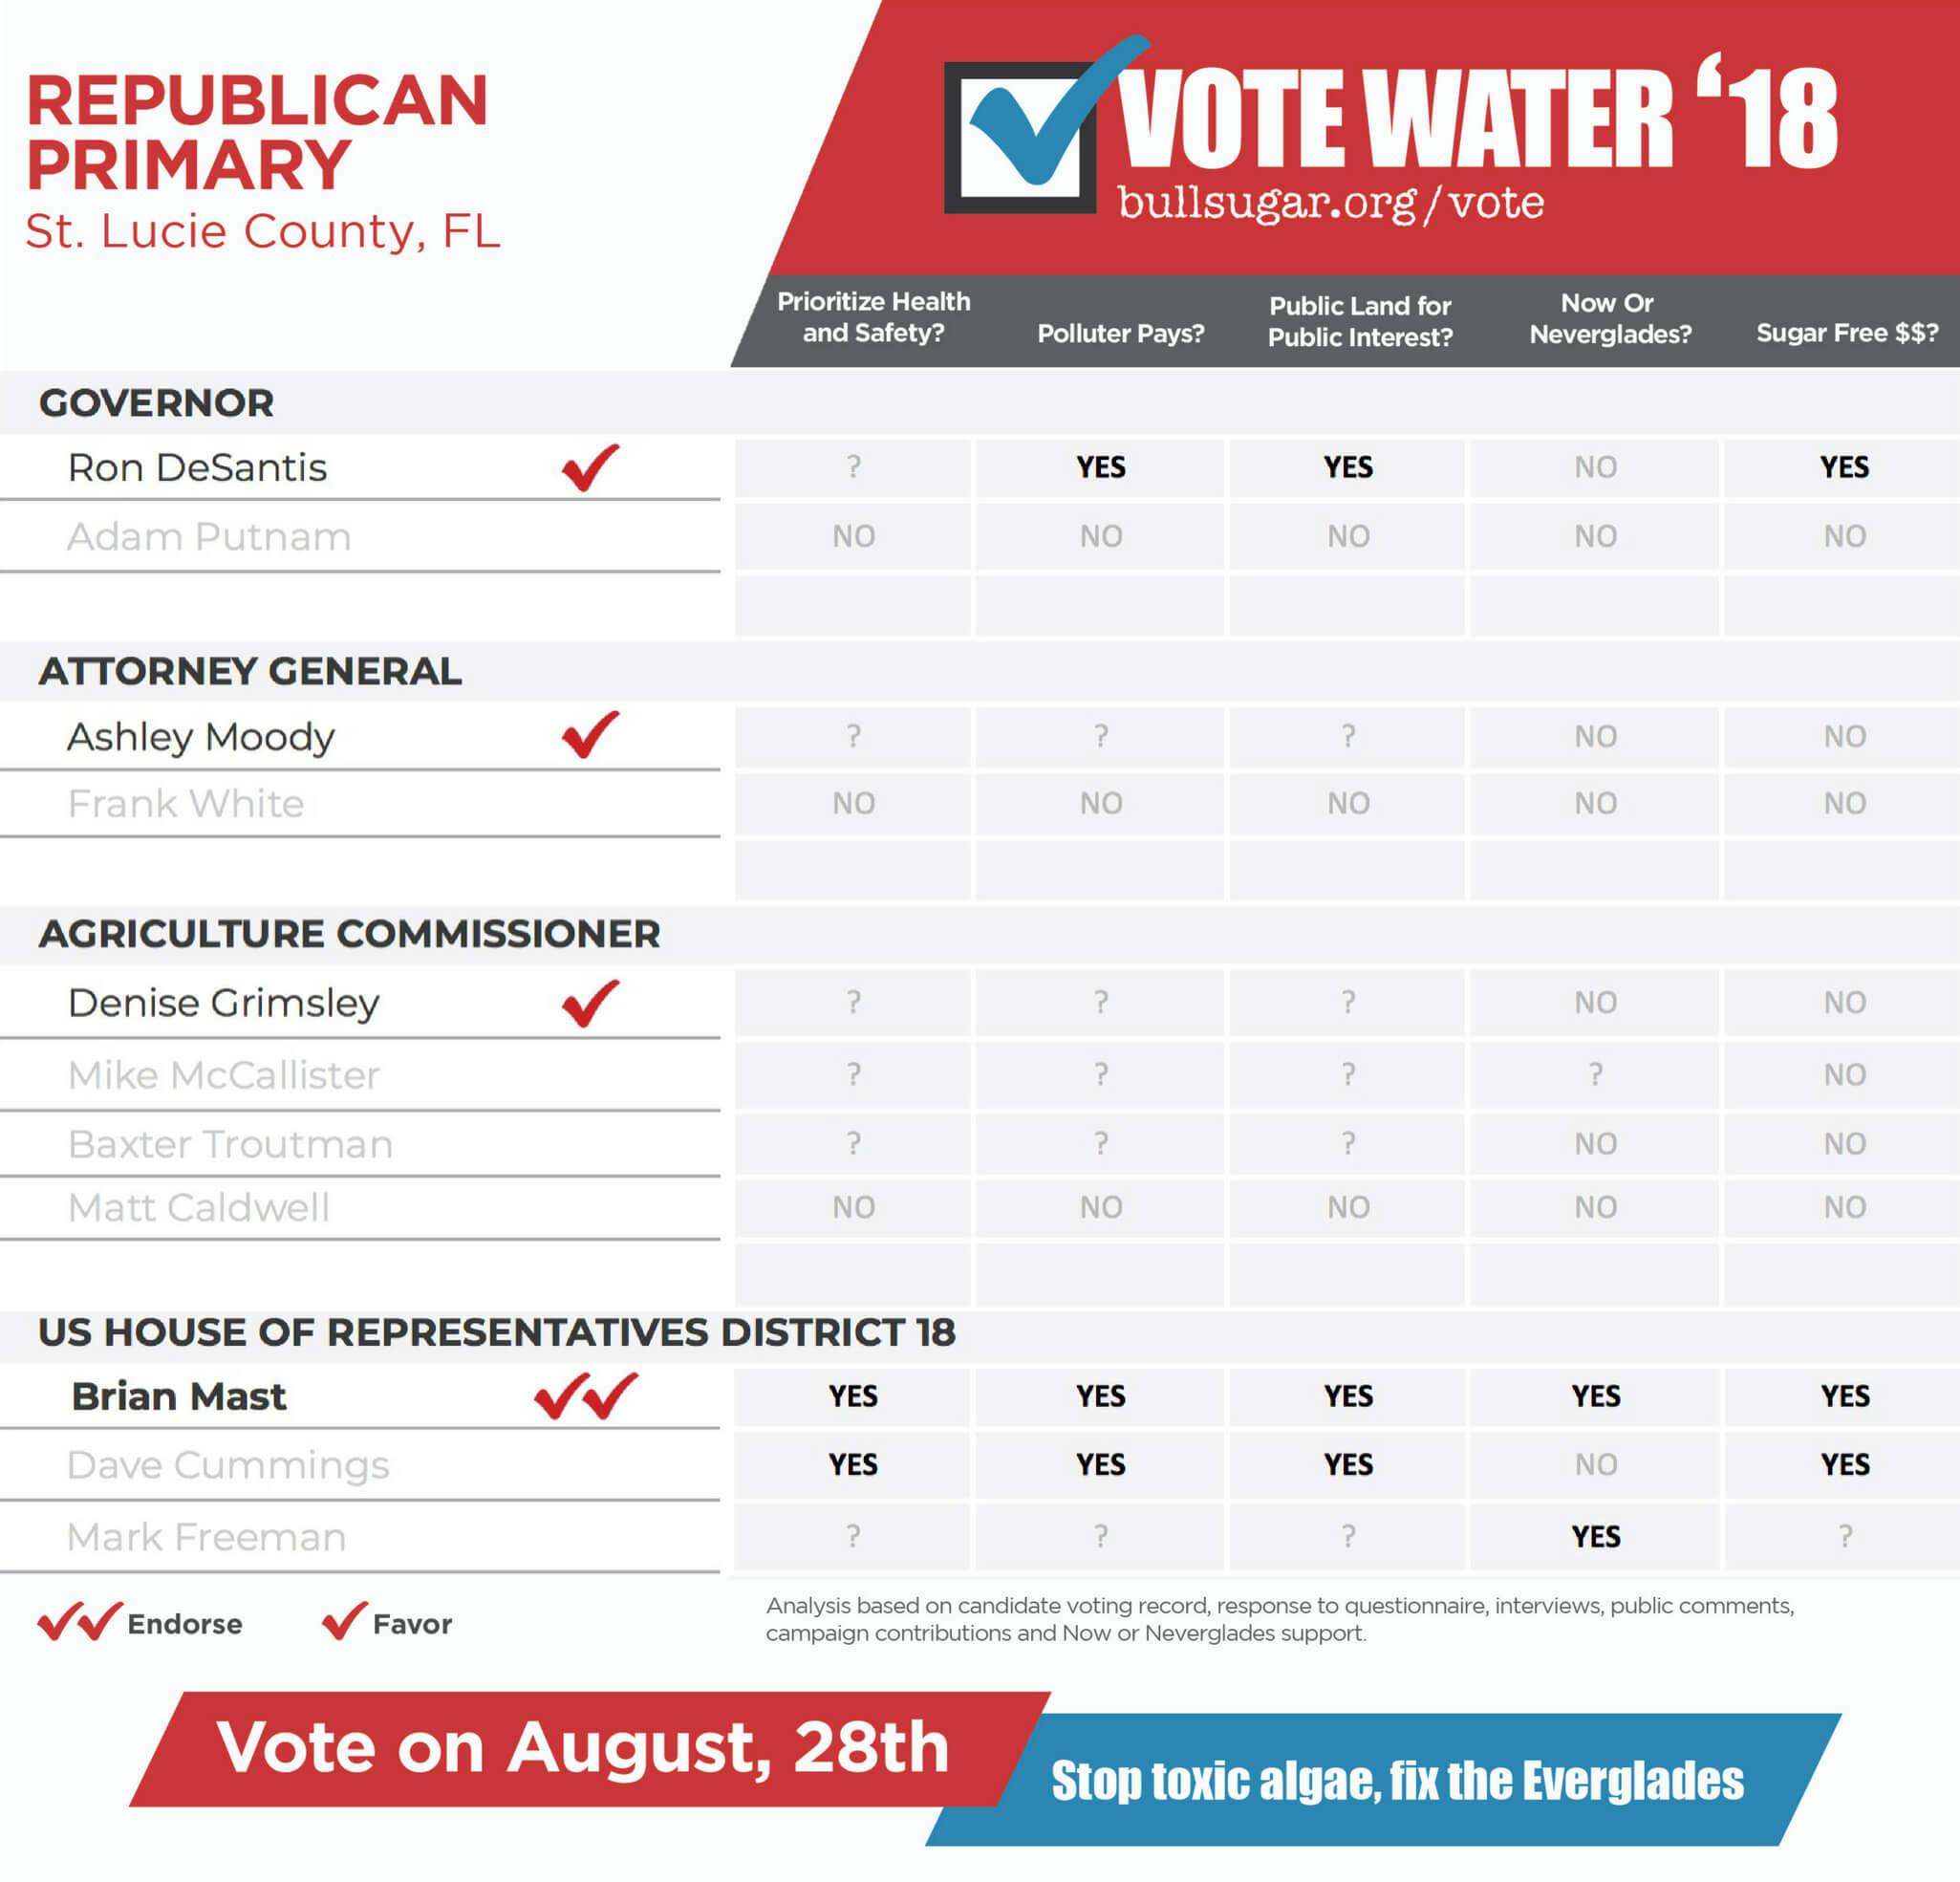 RepublicanFullGuides_StLucie2.jpg